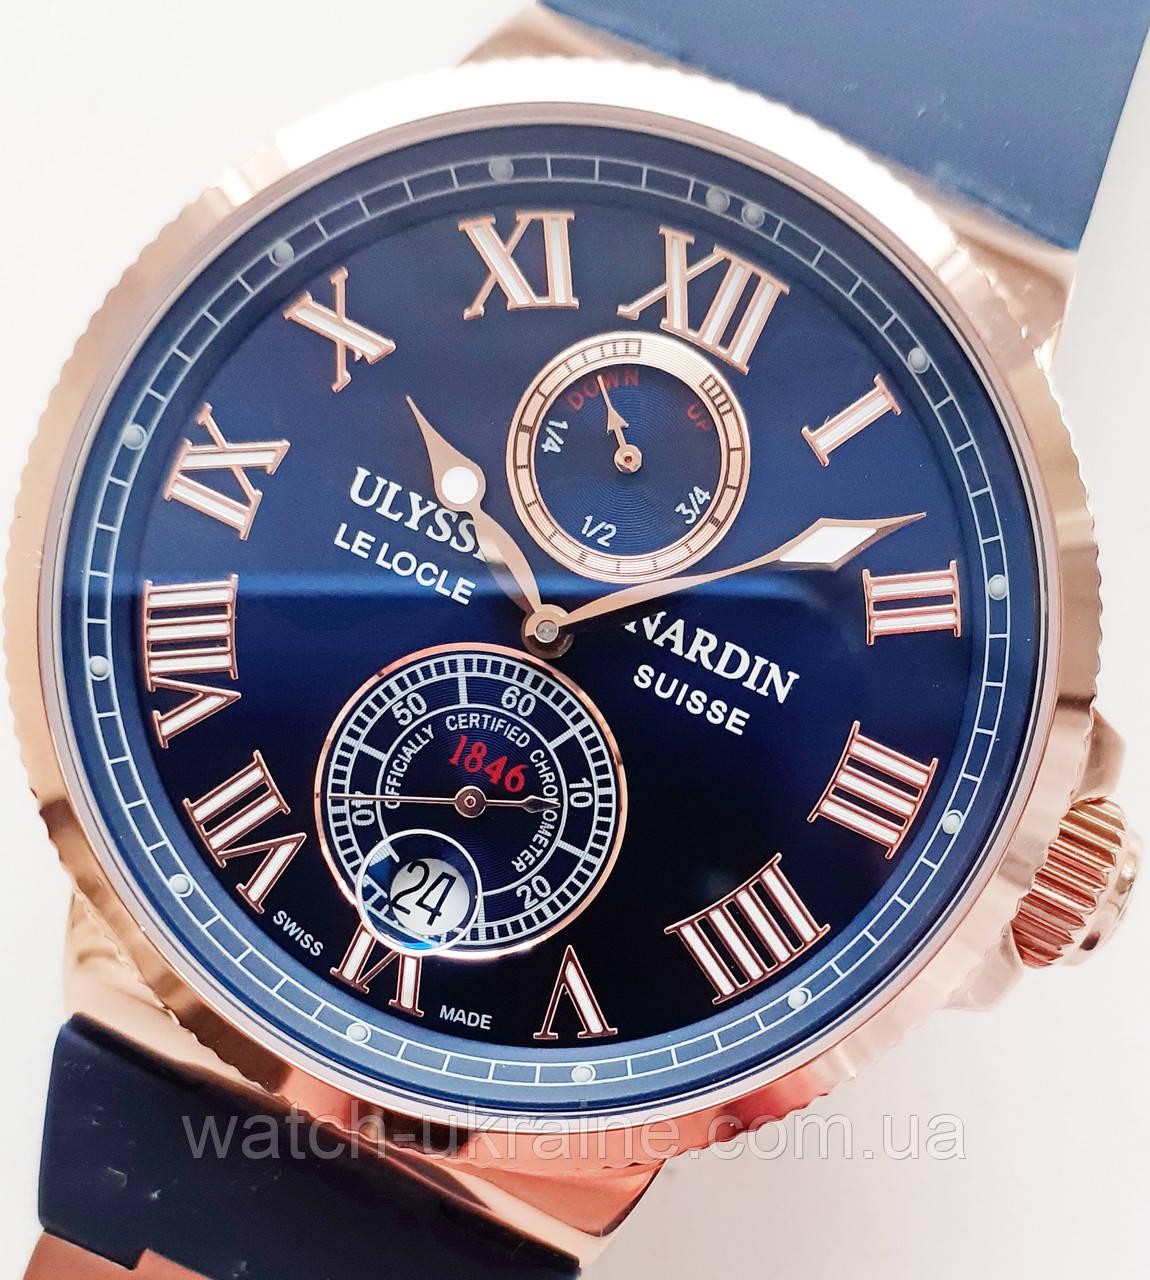 Улисс нардин продать часы цены бу наручных часов скупка